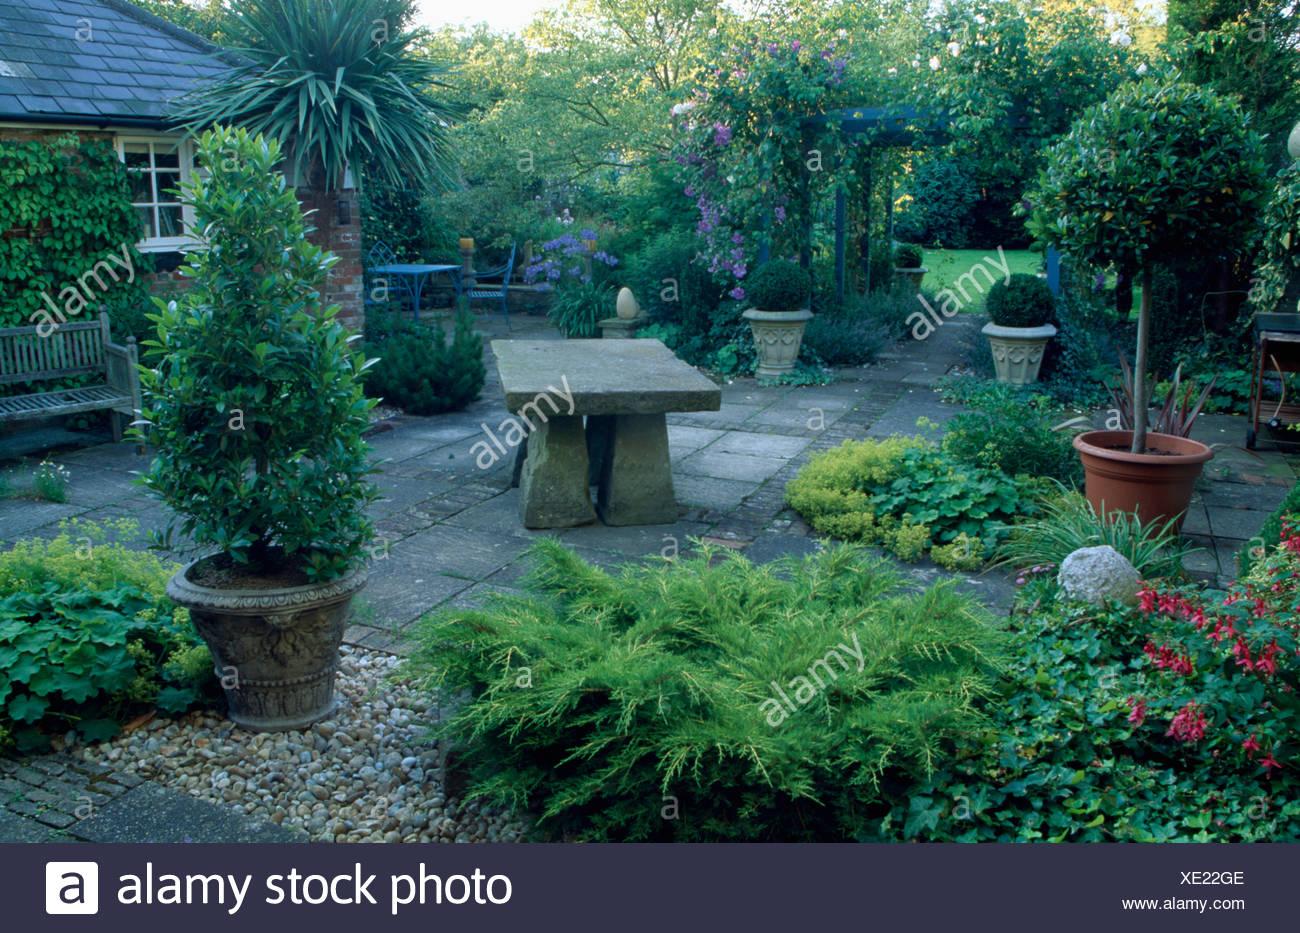 Arbre En Pot Terrasse les arbres taillés en pots sur terrasse devant maison. vue